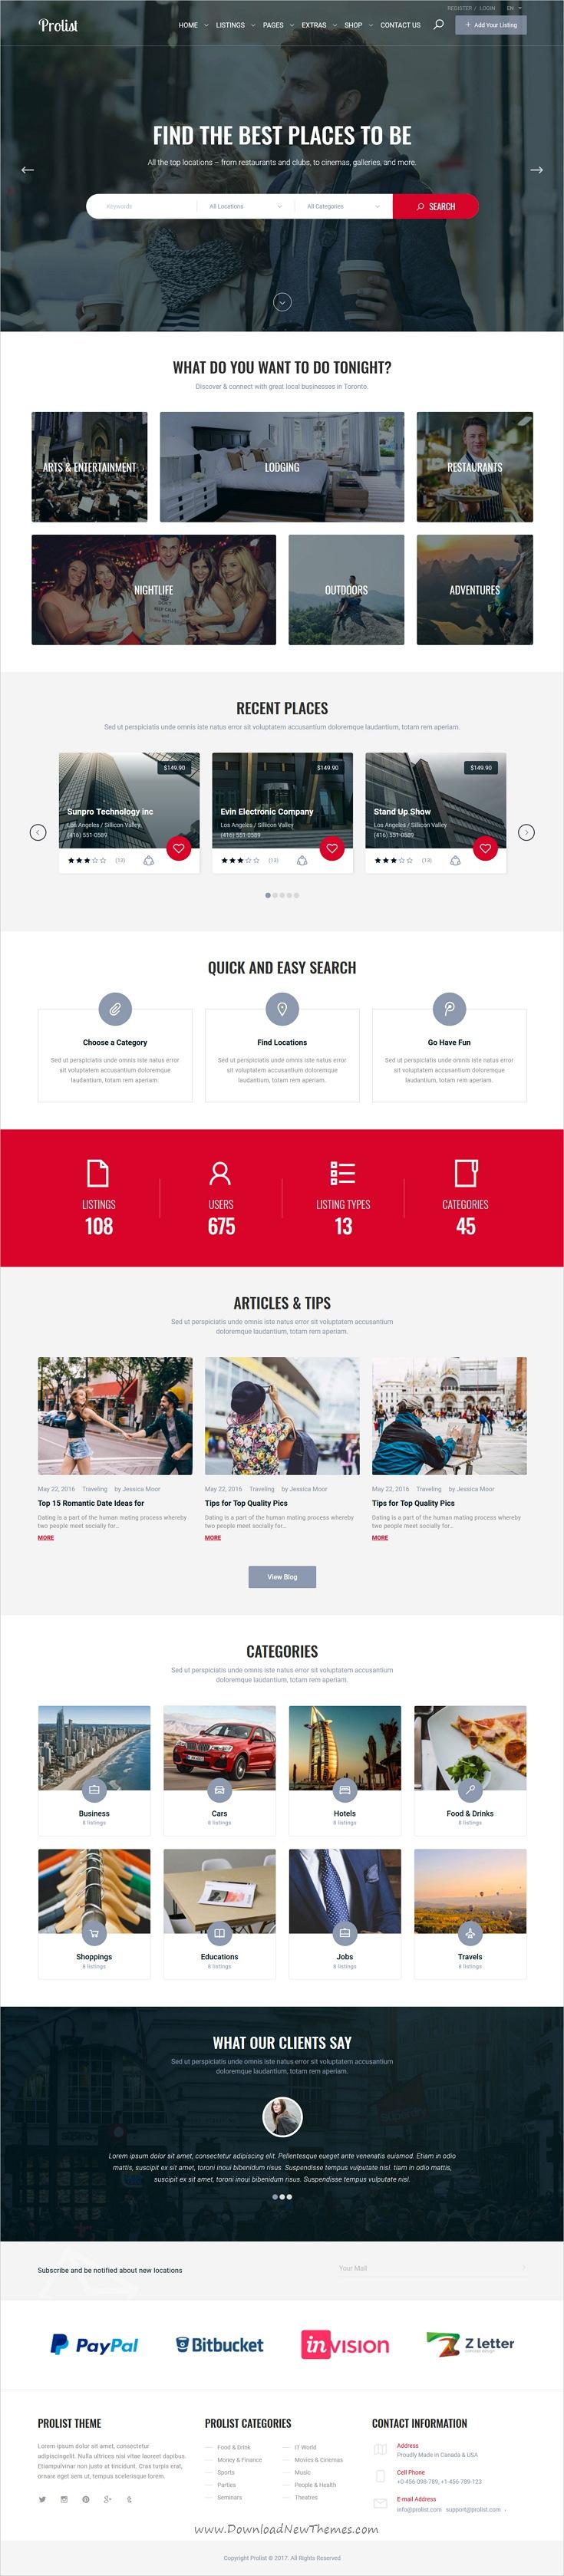 top result 50 elegant html edm template image 2018 gst3 2017